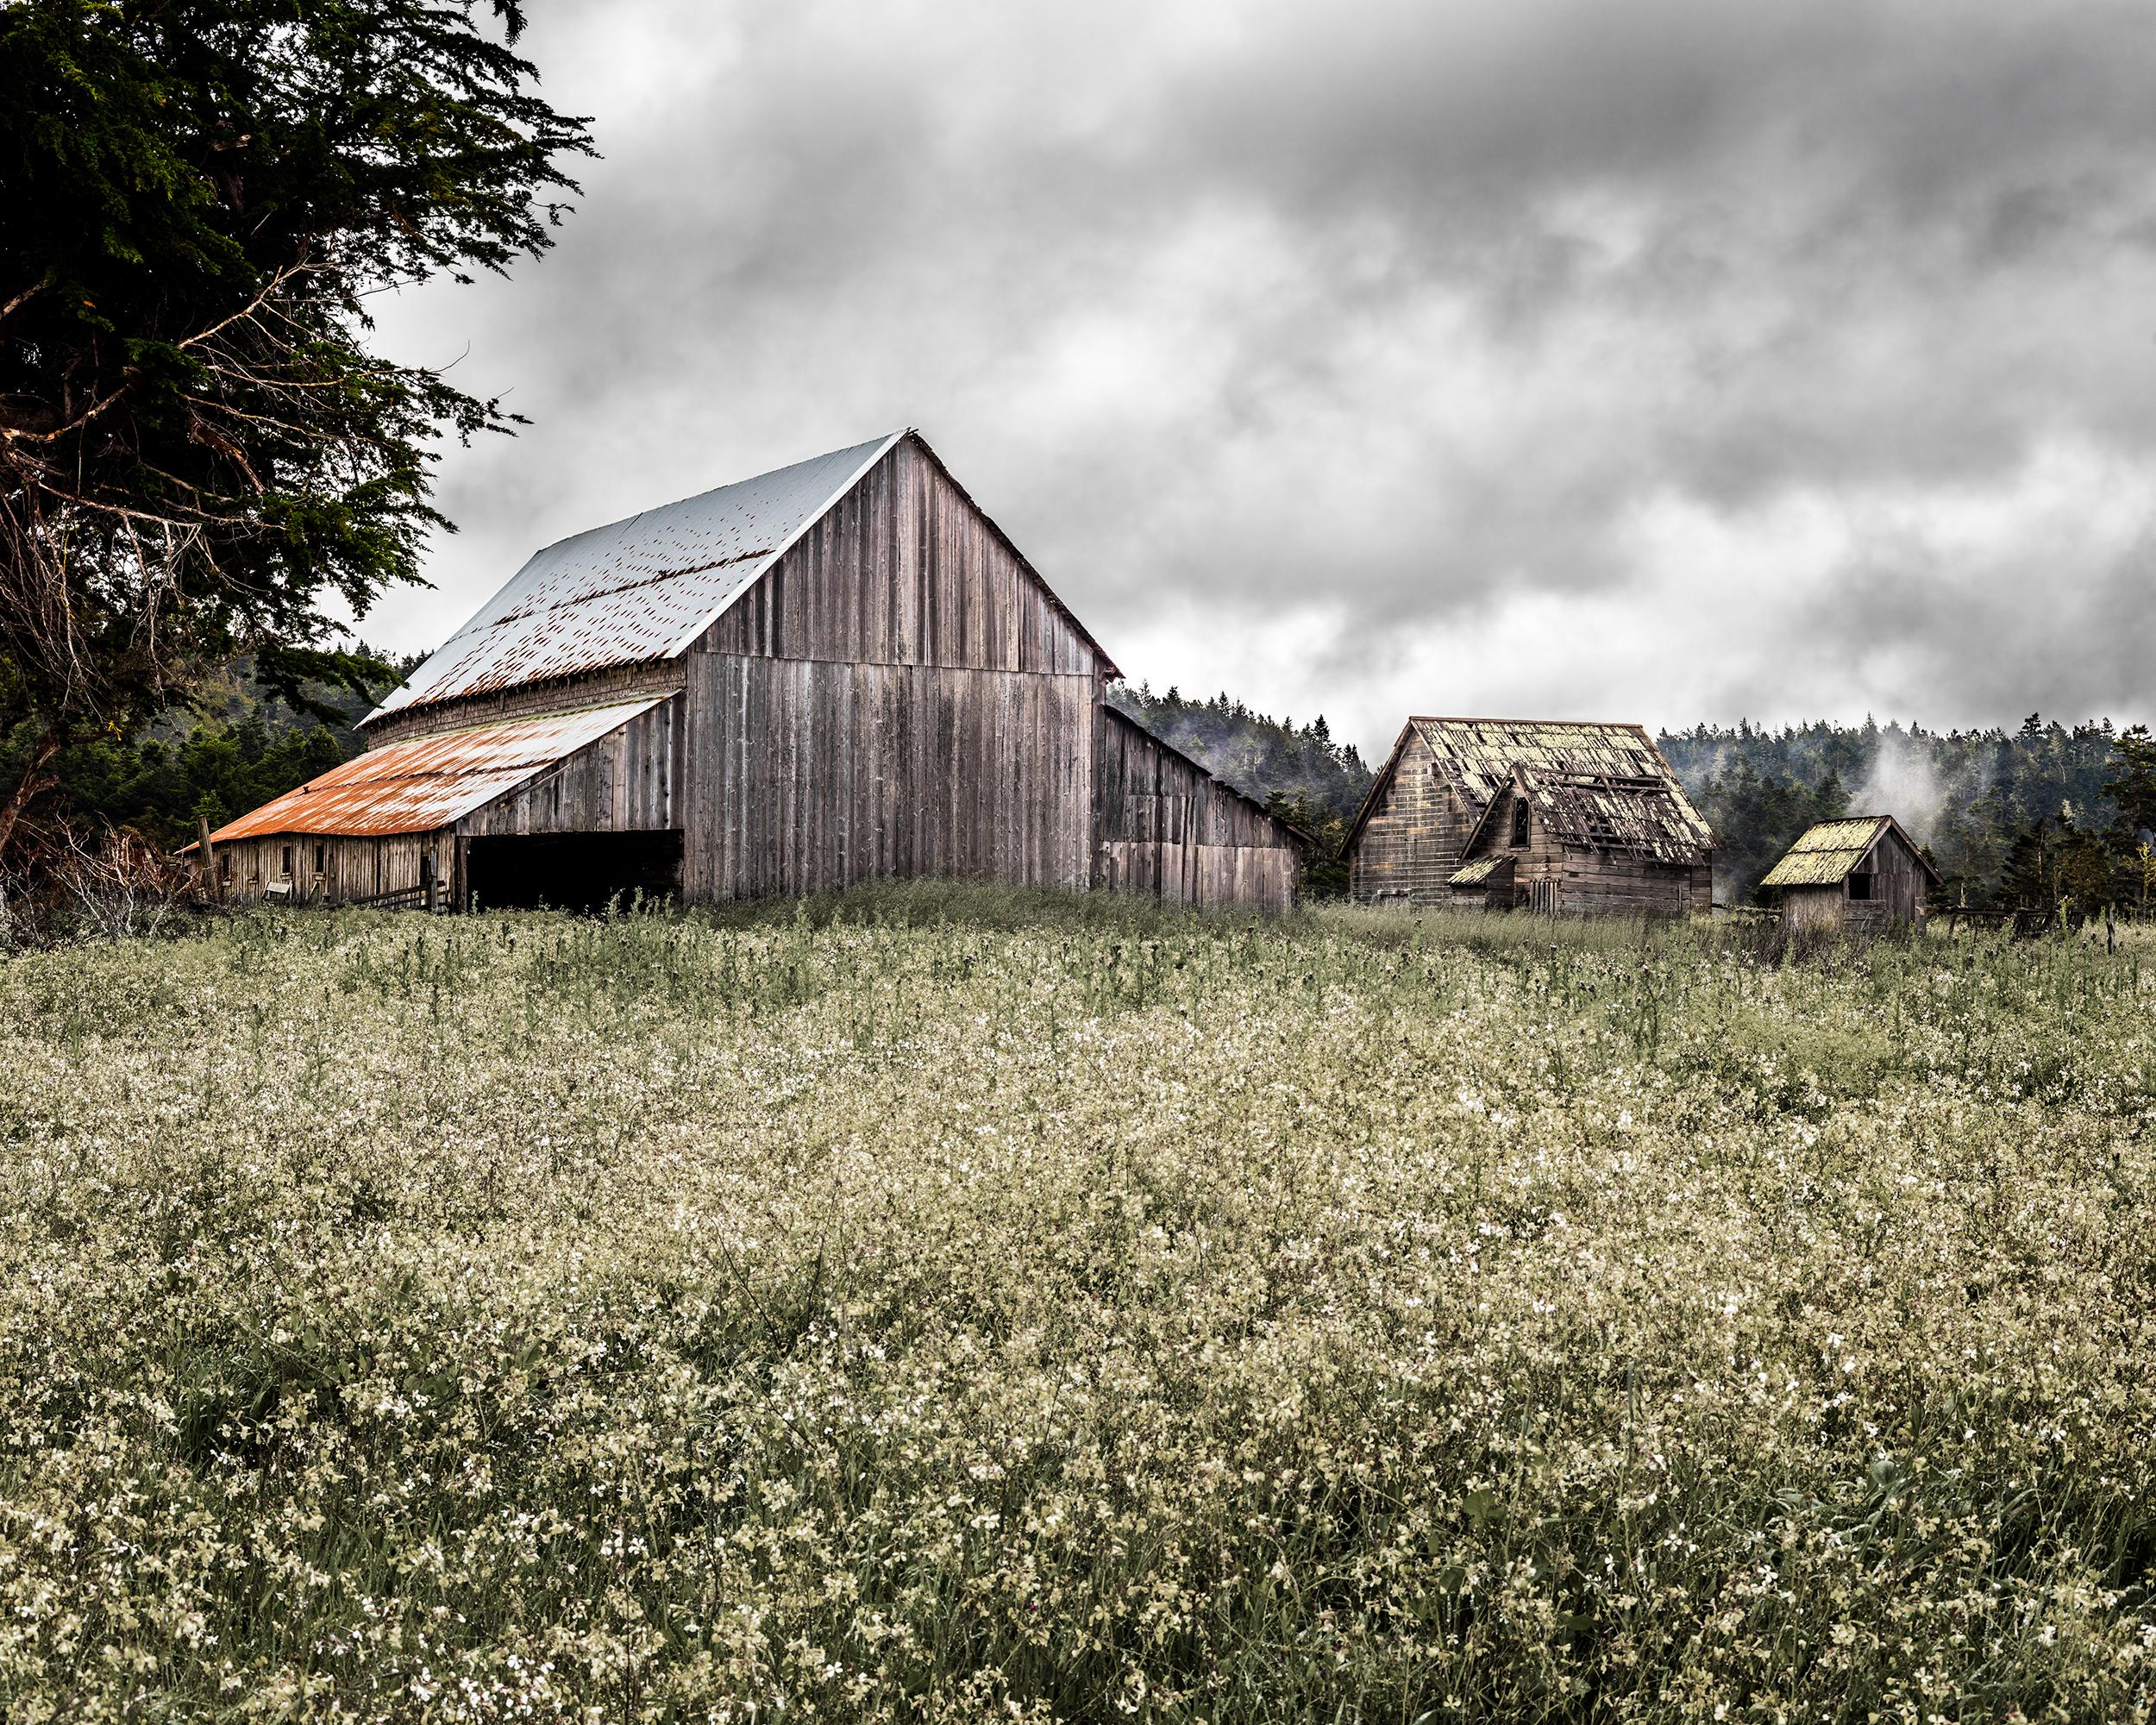 Spring Ranch Barn Study 1 - Mendocino